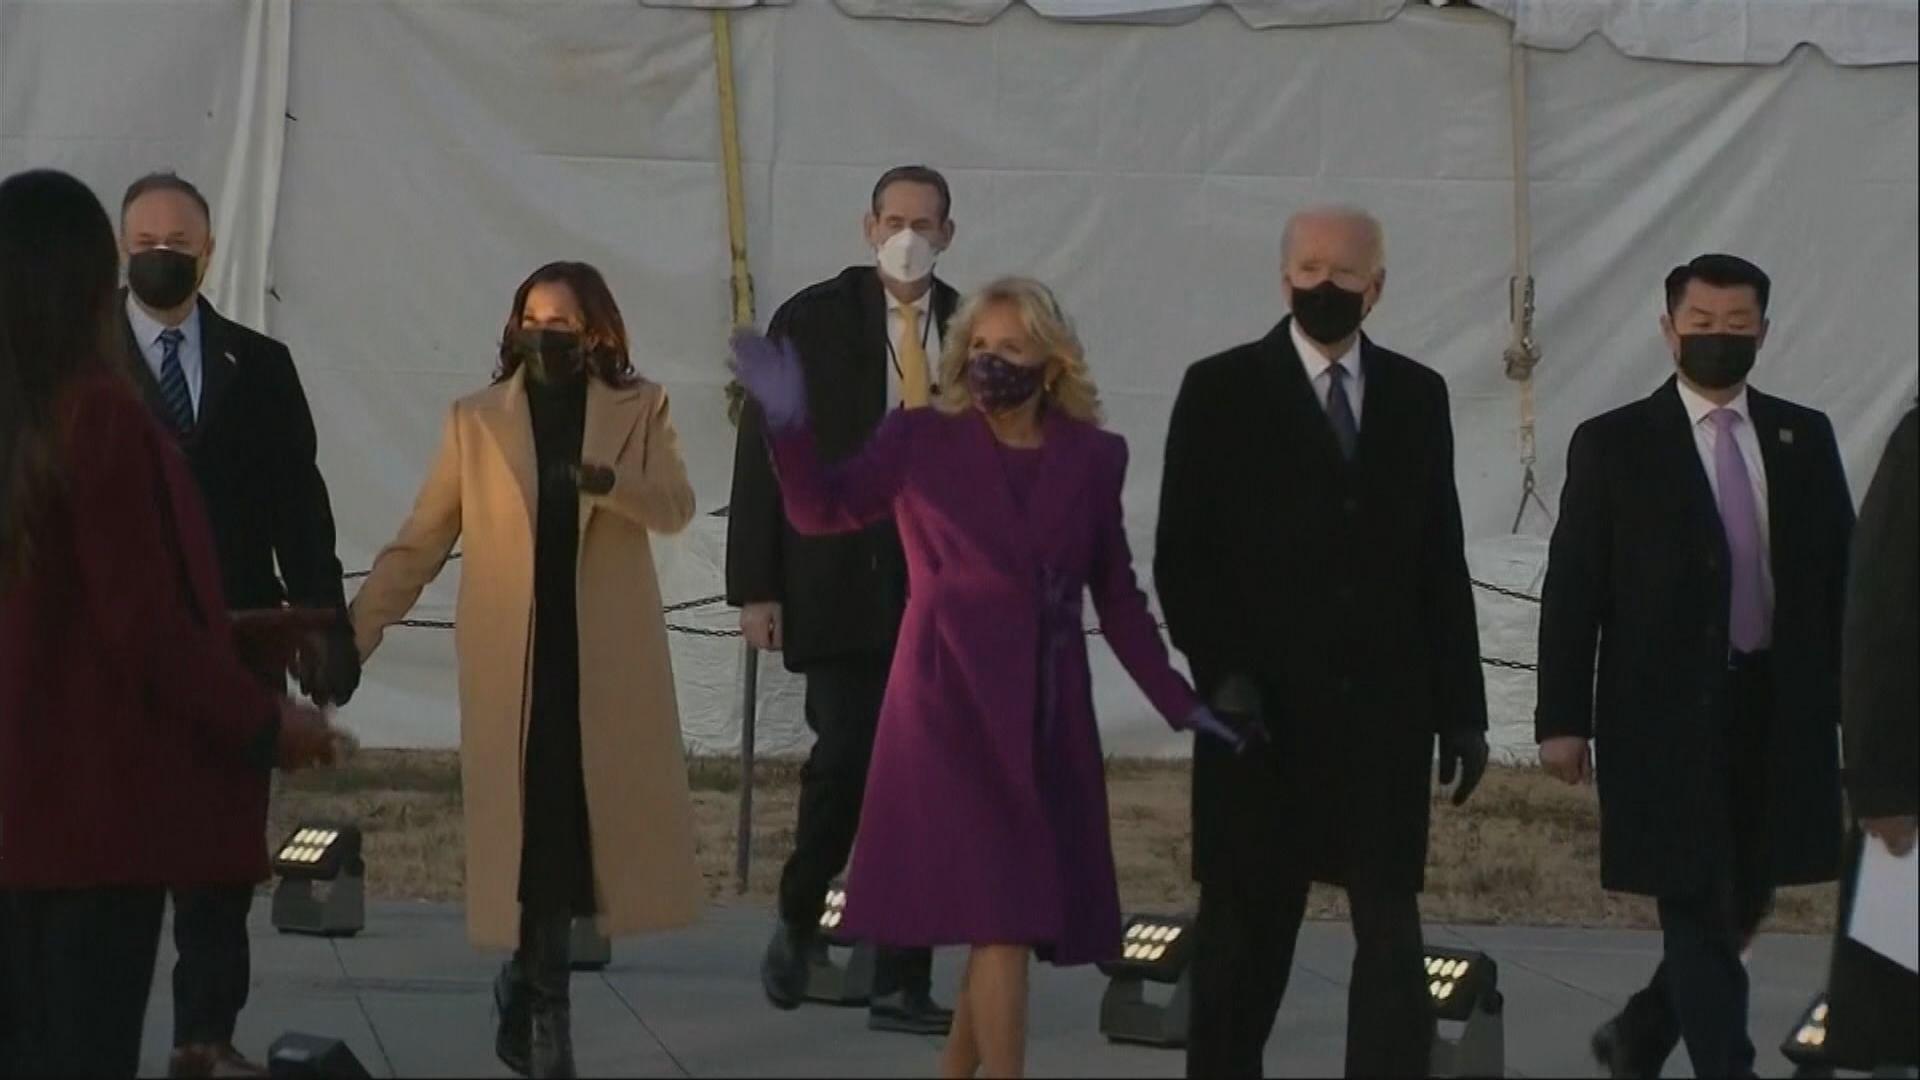 拜登與賀錦麗出席紀念疫情死者活動